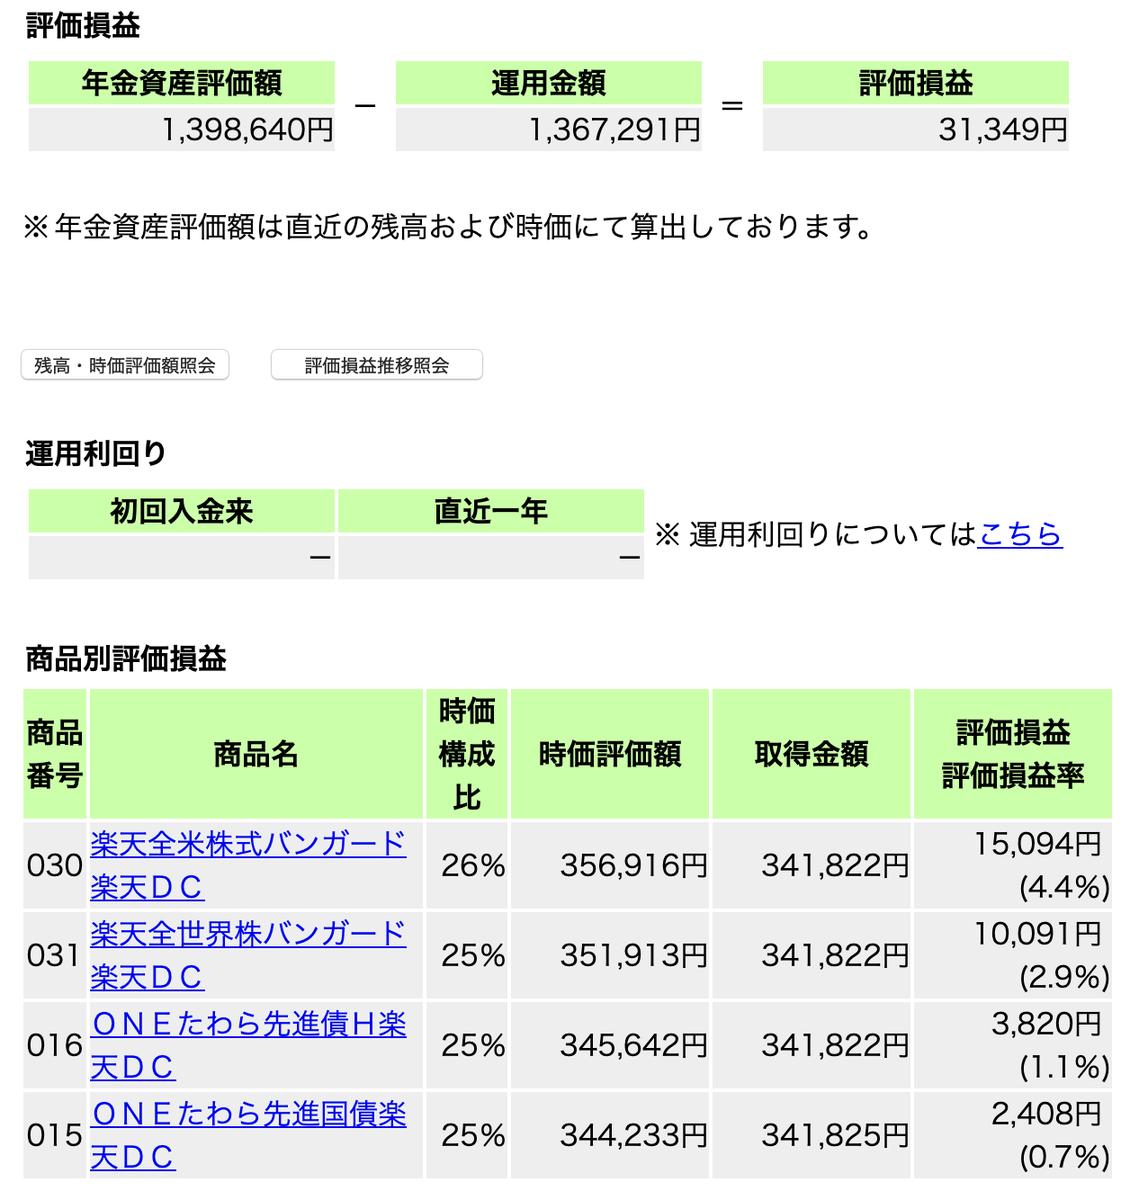 この画面はJIS&T内の管理画面を表示しております。